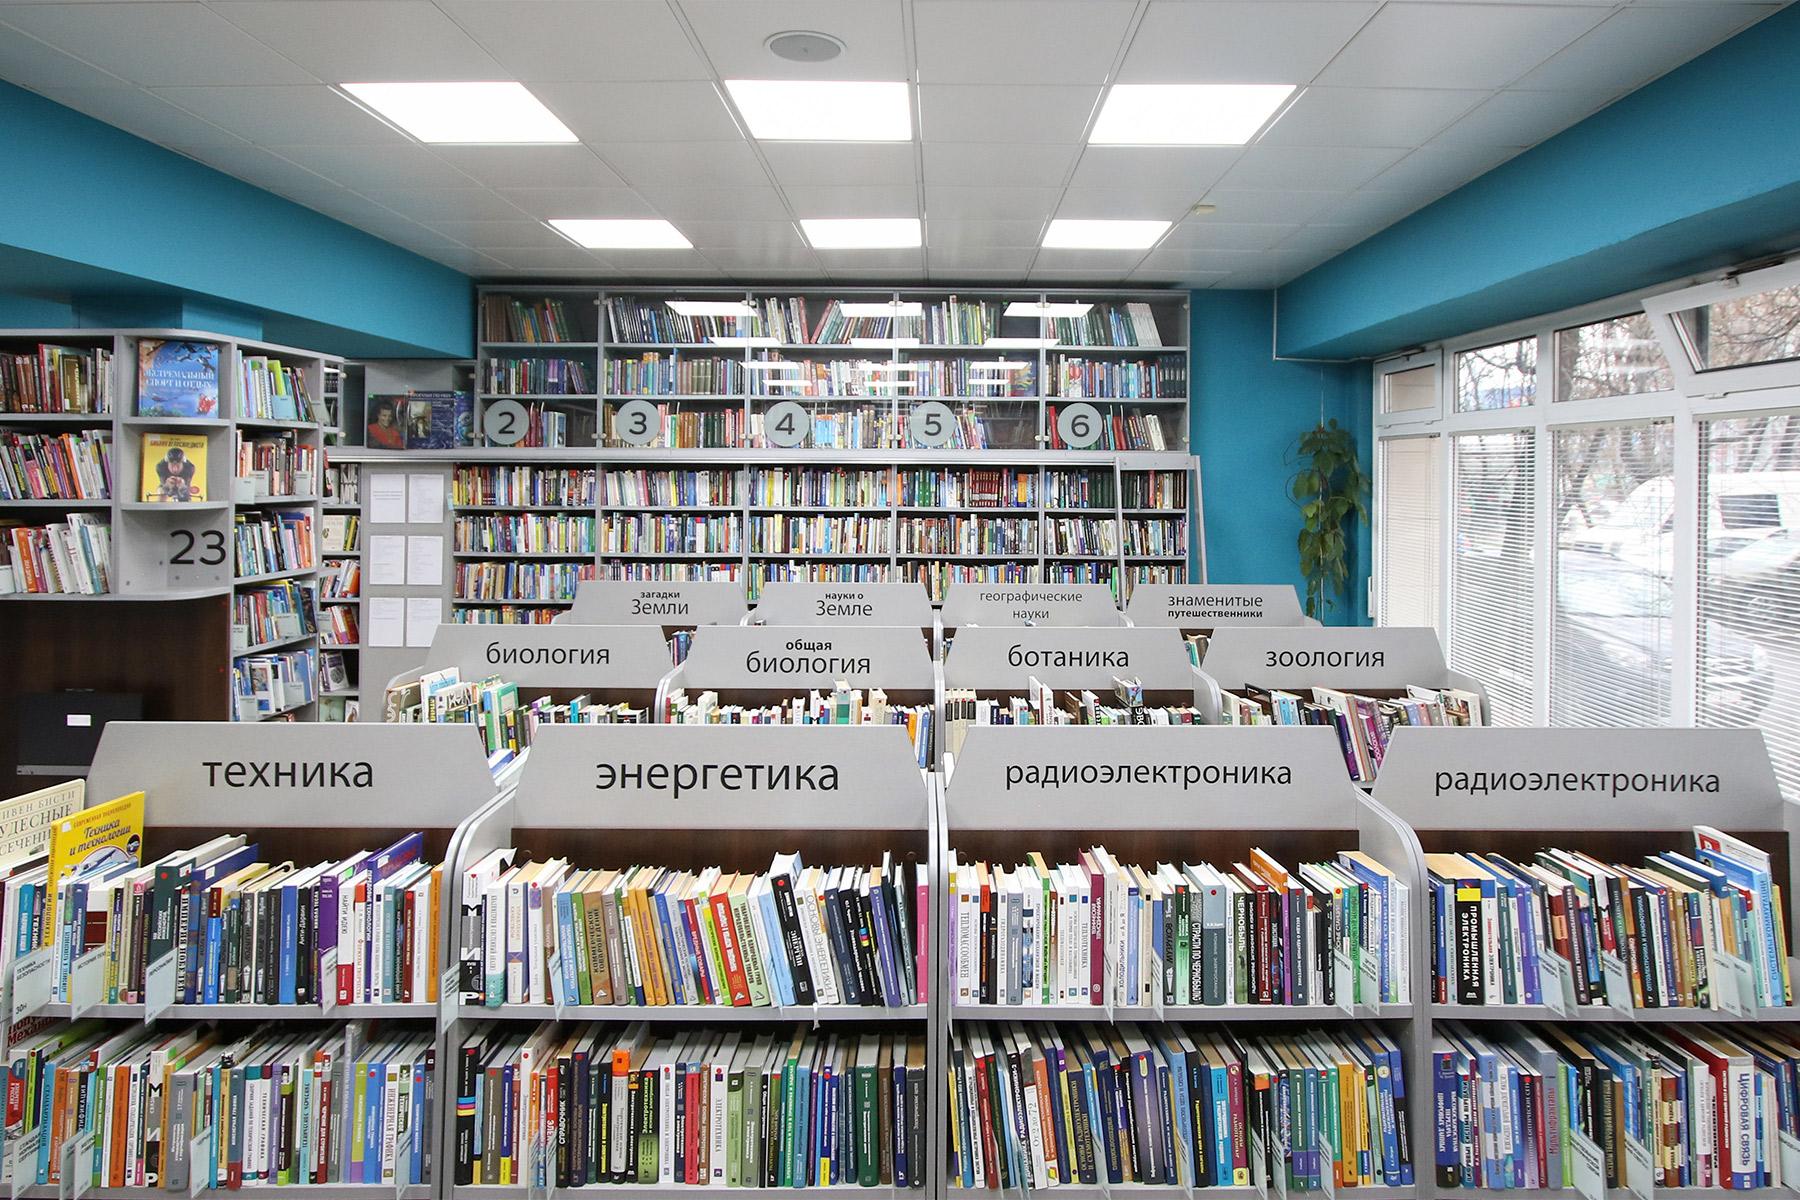 Зал литературы по естественным и техническим наукам Российская  Зал литературы по естественным и техническим наукам Российская государственная библиотека для молодежи